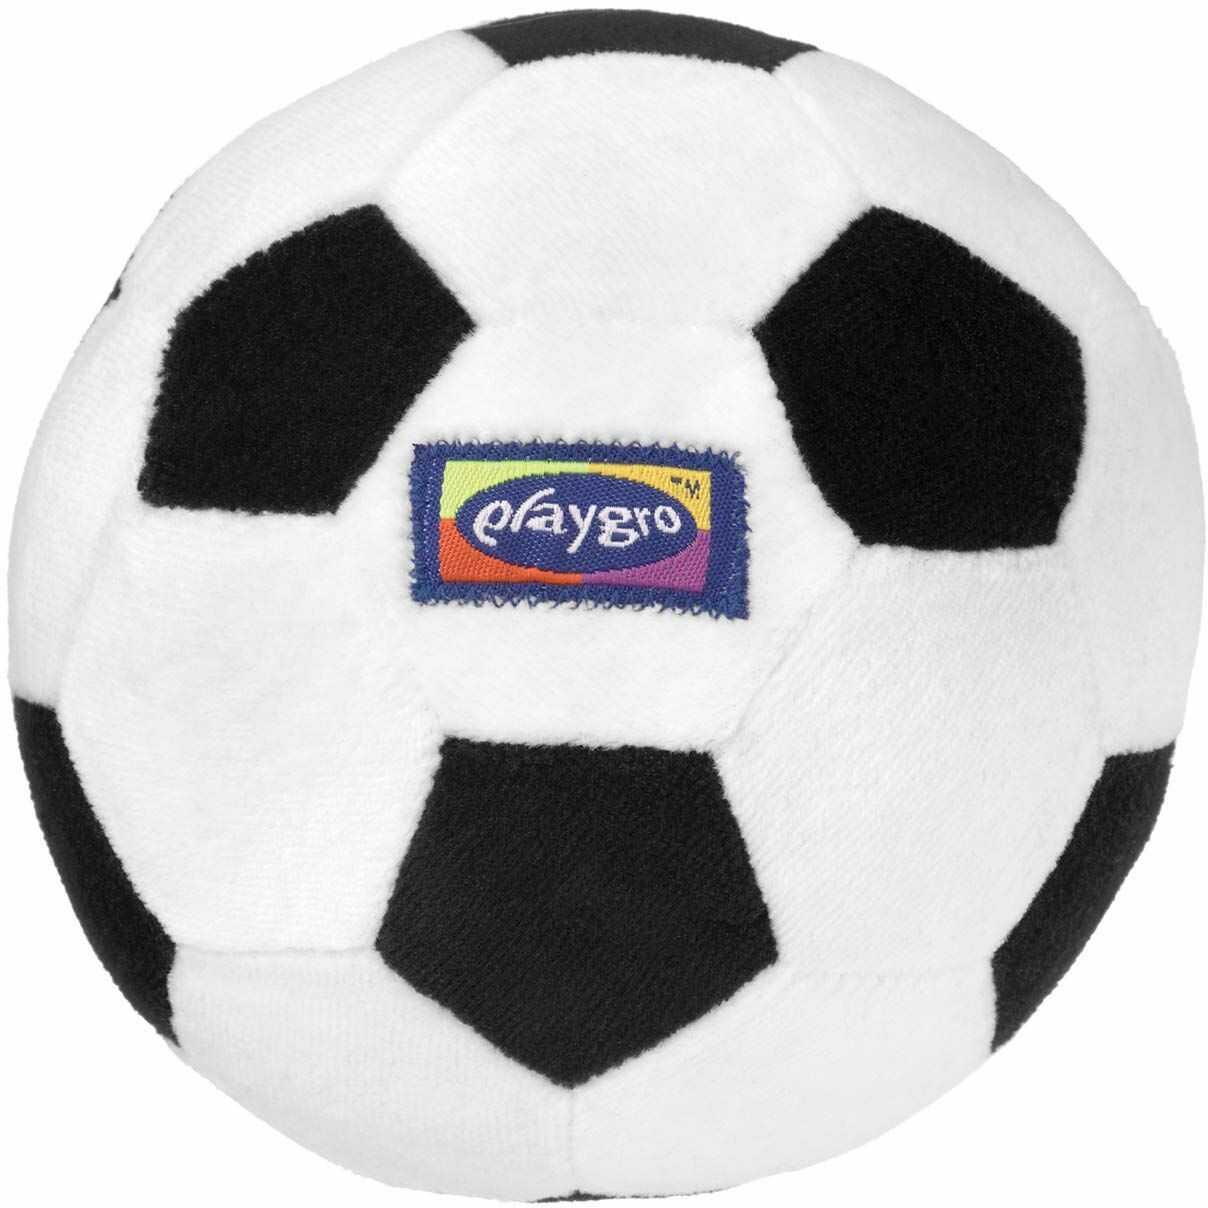 Playgro Moja pierwsza piłka nożna, ze zintegrowaną grzechotką, od 6 miesięcy, My First Soccer Ball, czarny/biały, 40043